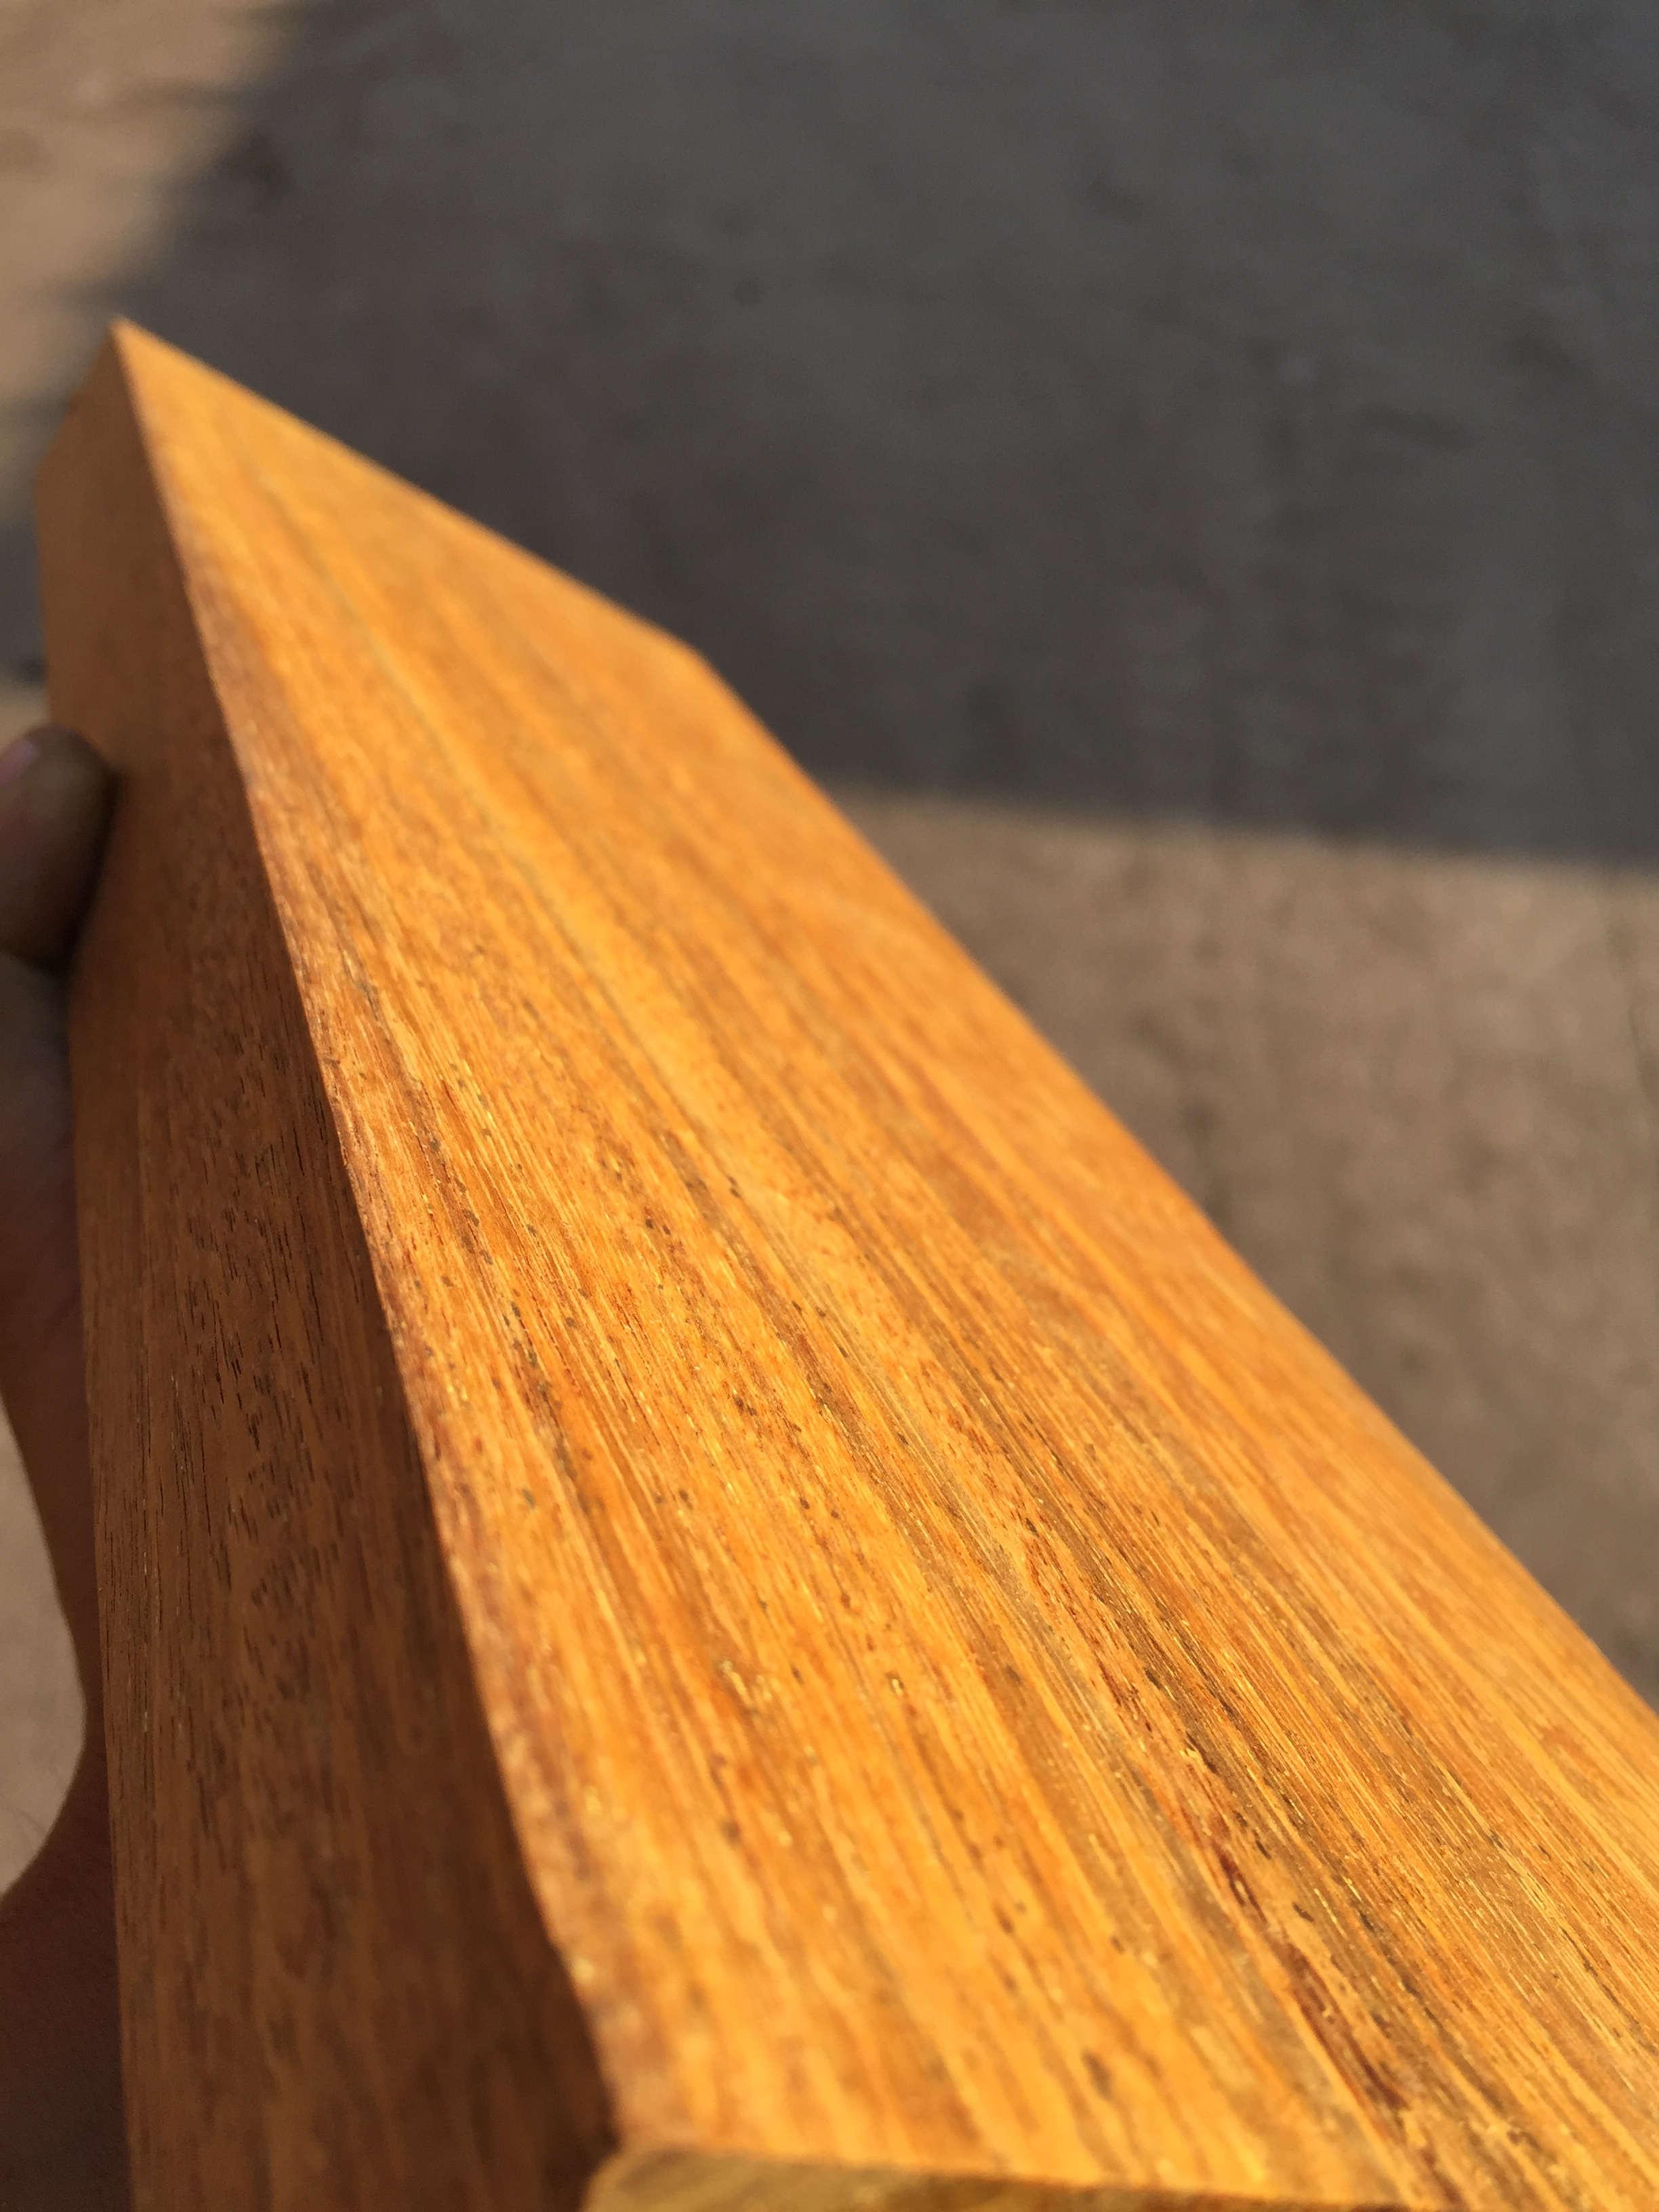 印尼菠萝格应该算是木地板现有材种中,稳定性最好的一种.